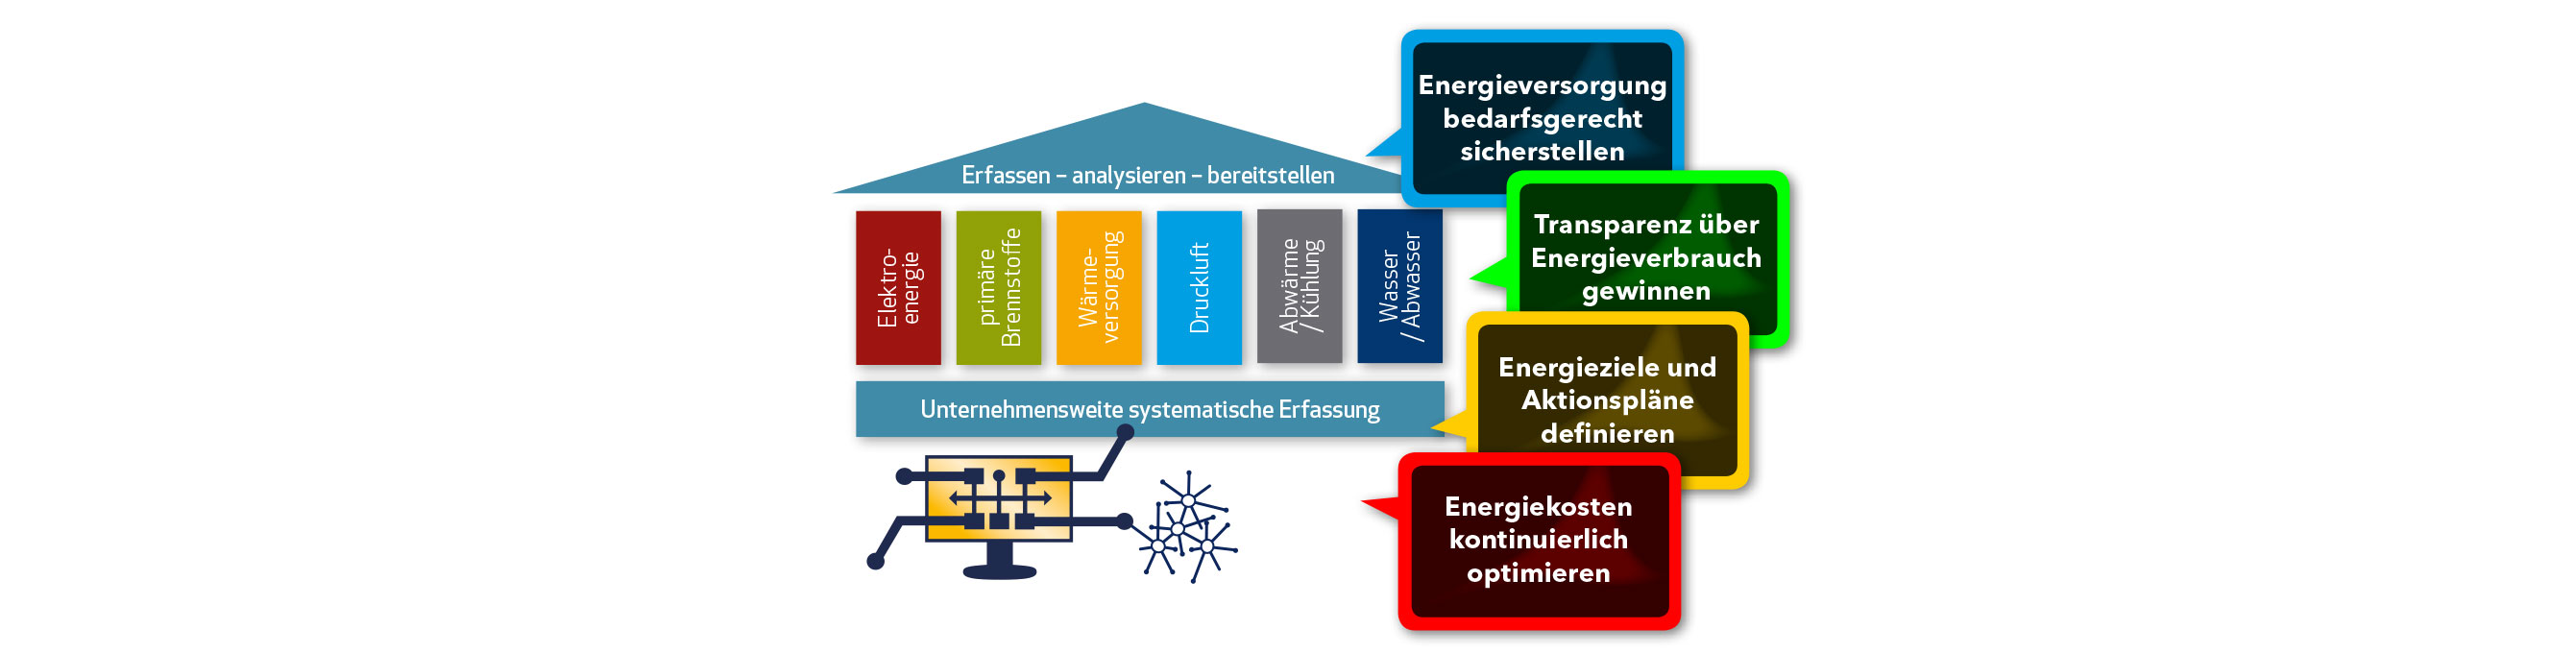 Energiemanagement: Aus Daten Nutezn schaffen